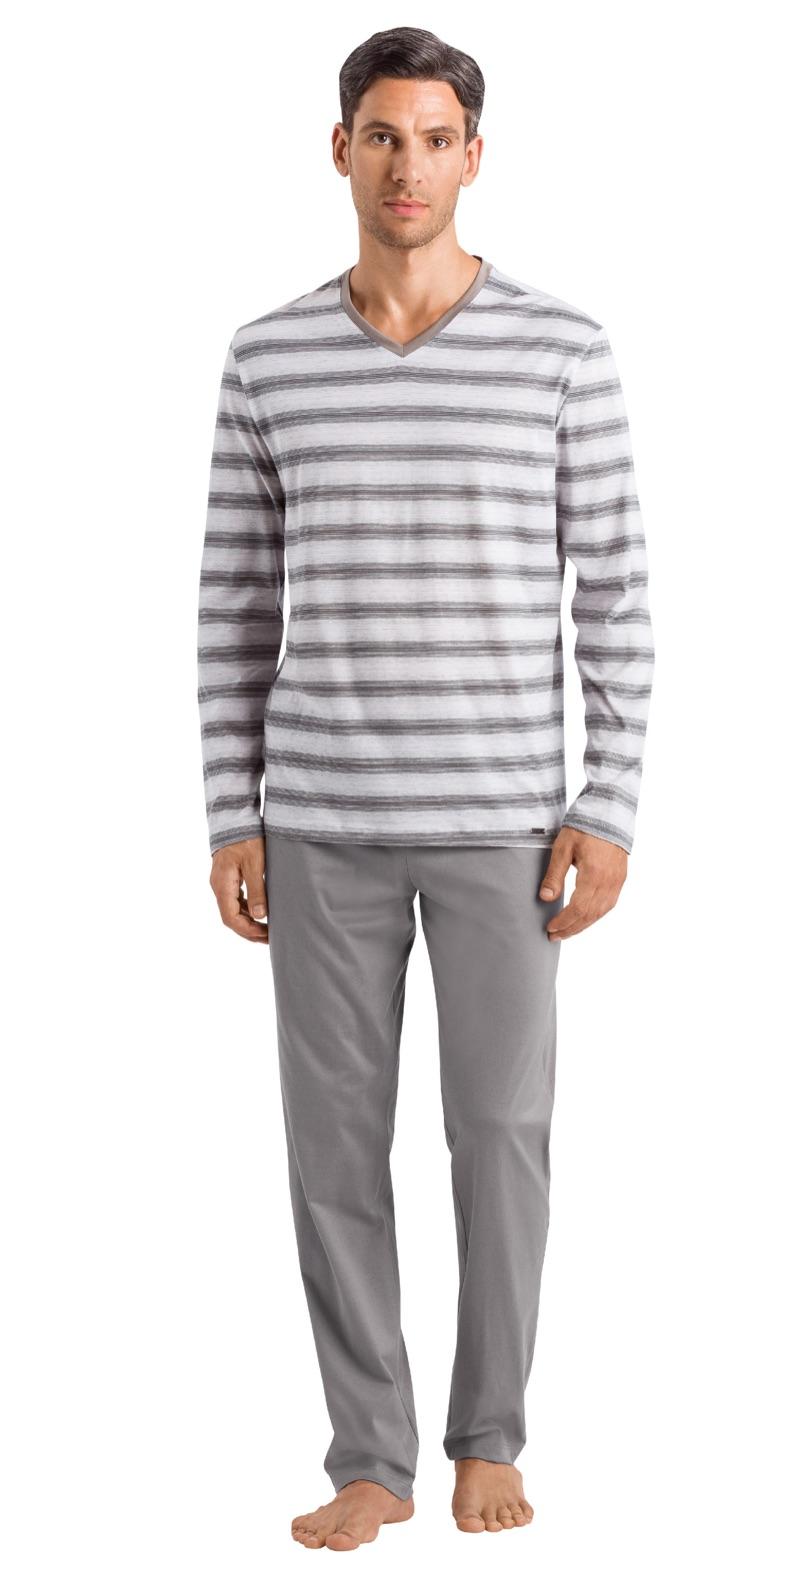 Hanro Jolan Long Sleeve Pajama